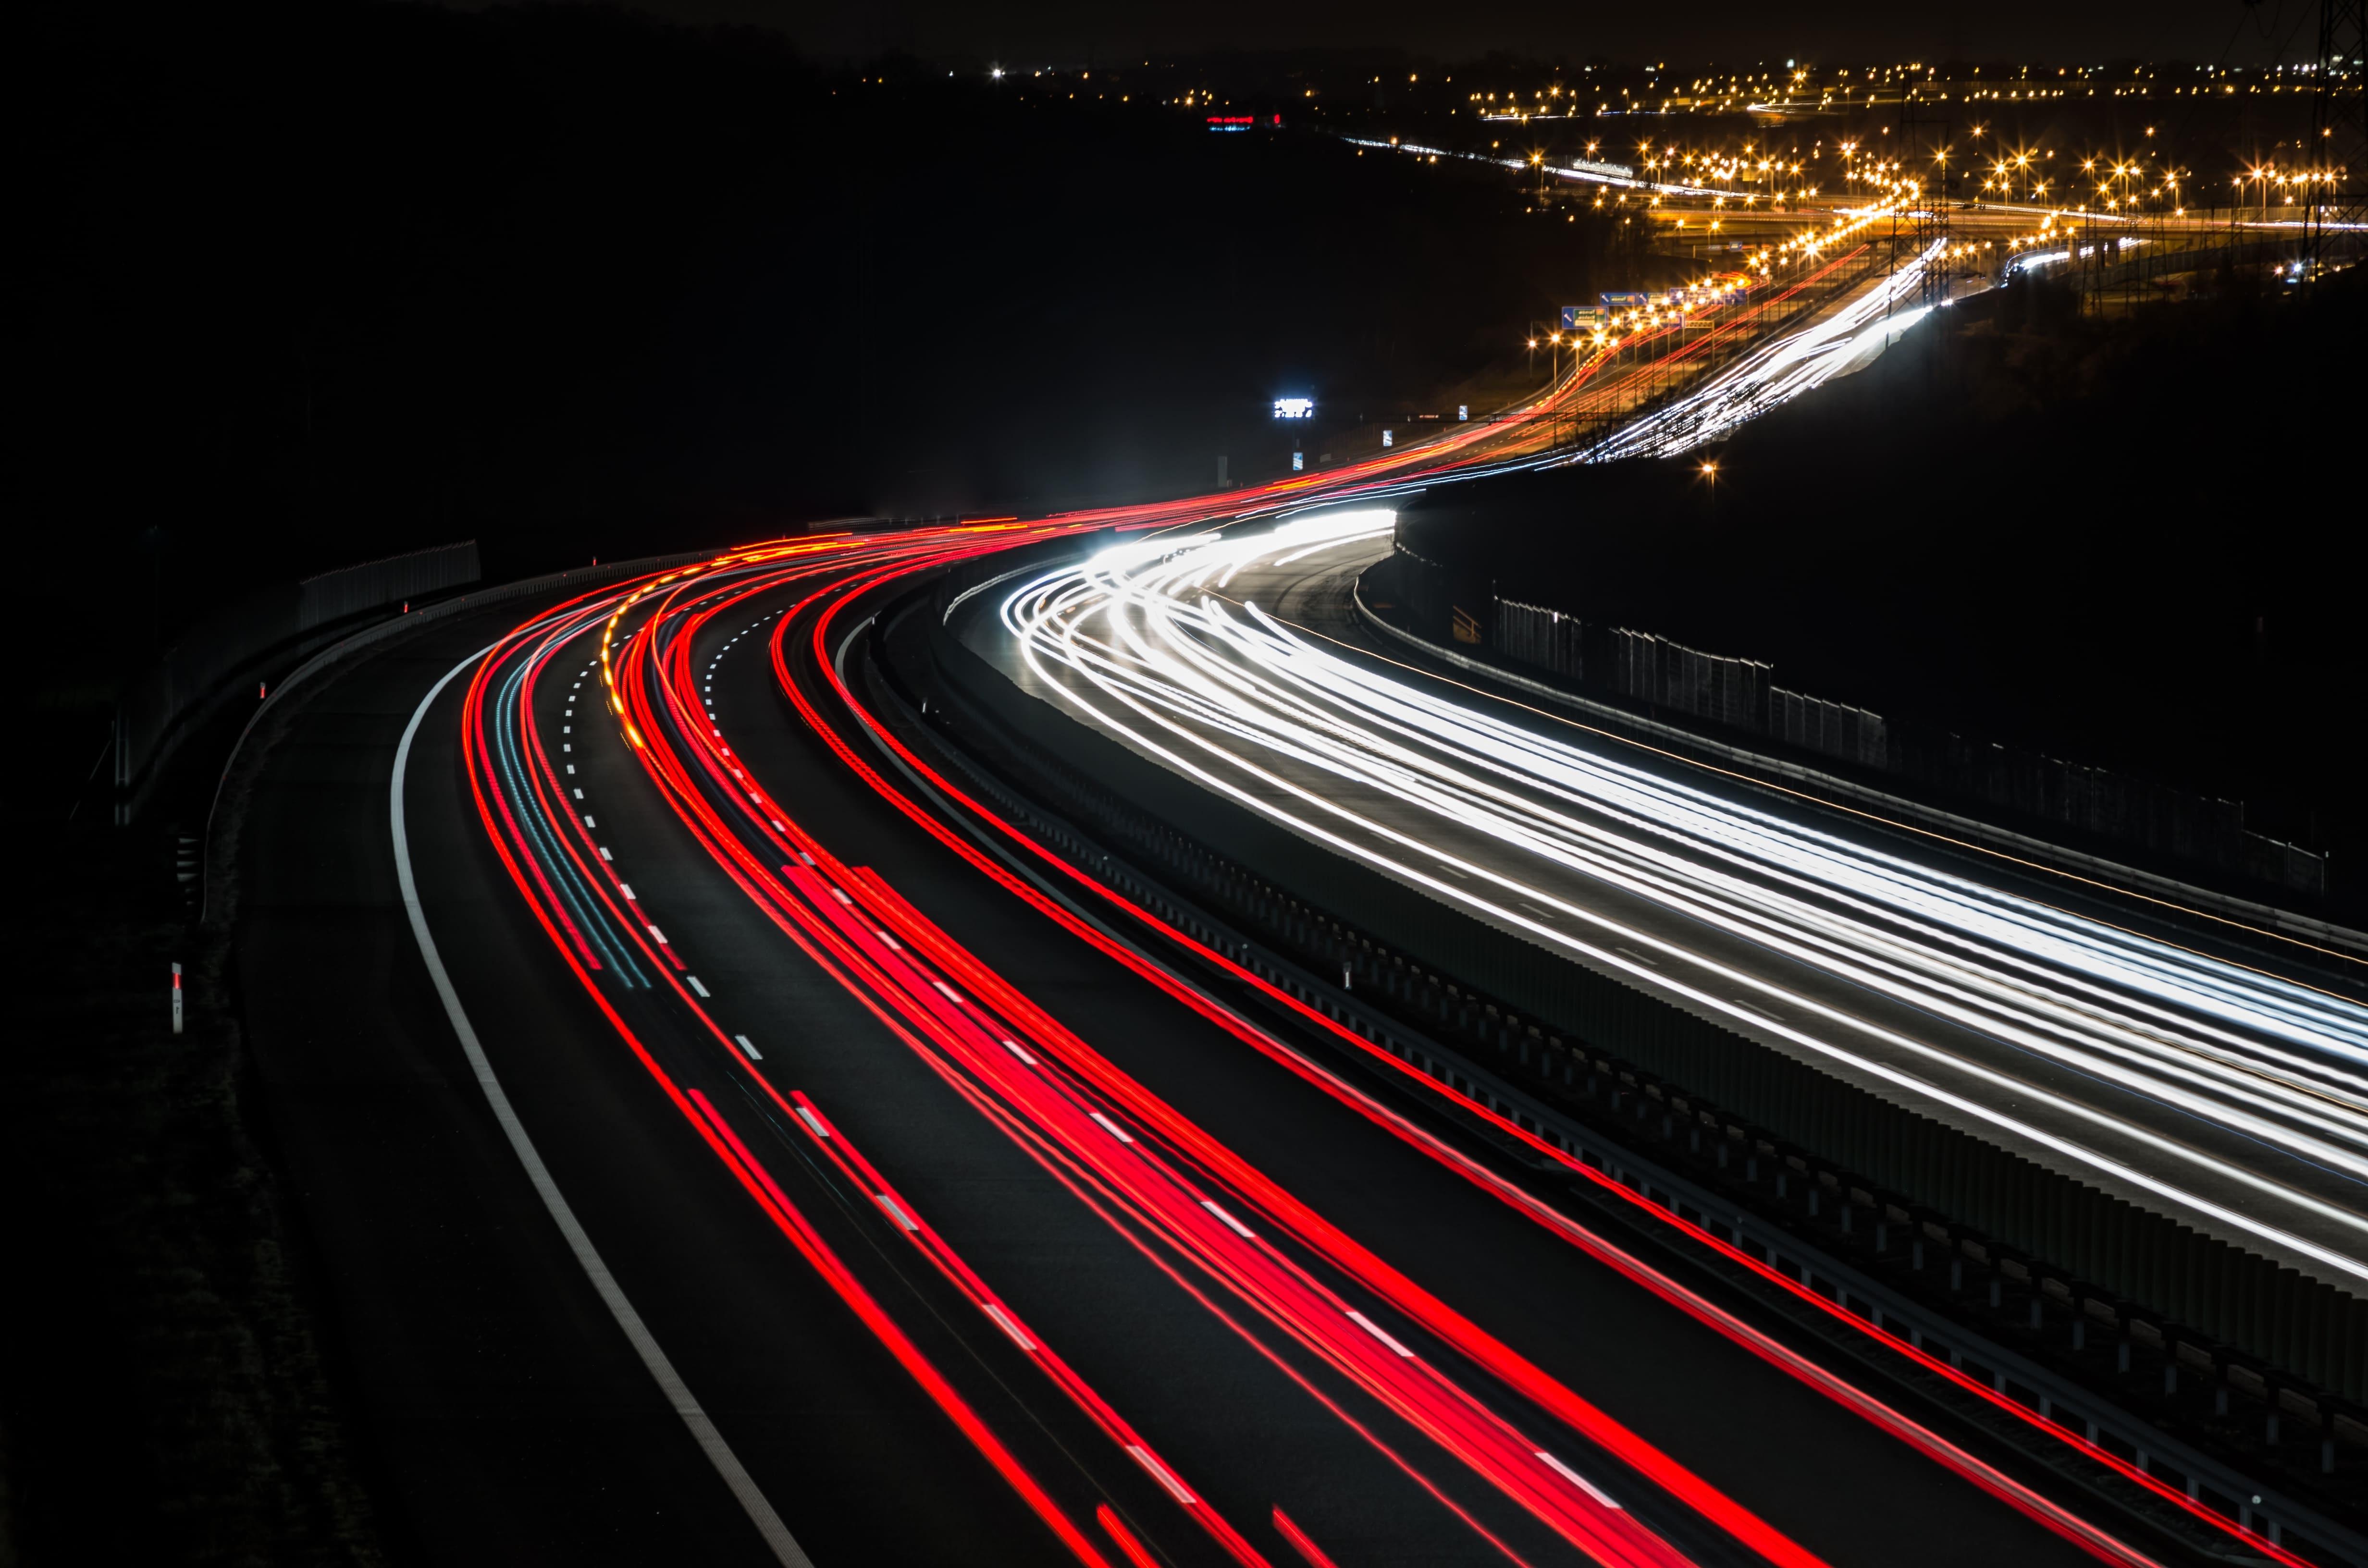 「ポルシェ」の中古車を自社ローンで購入した方の車両価格相場と口コミ(体験談)